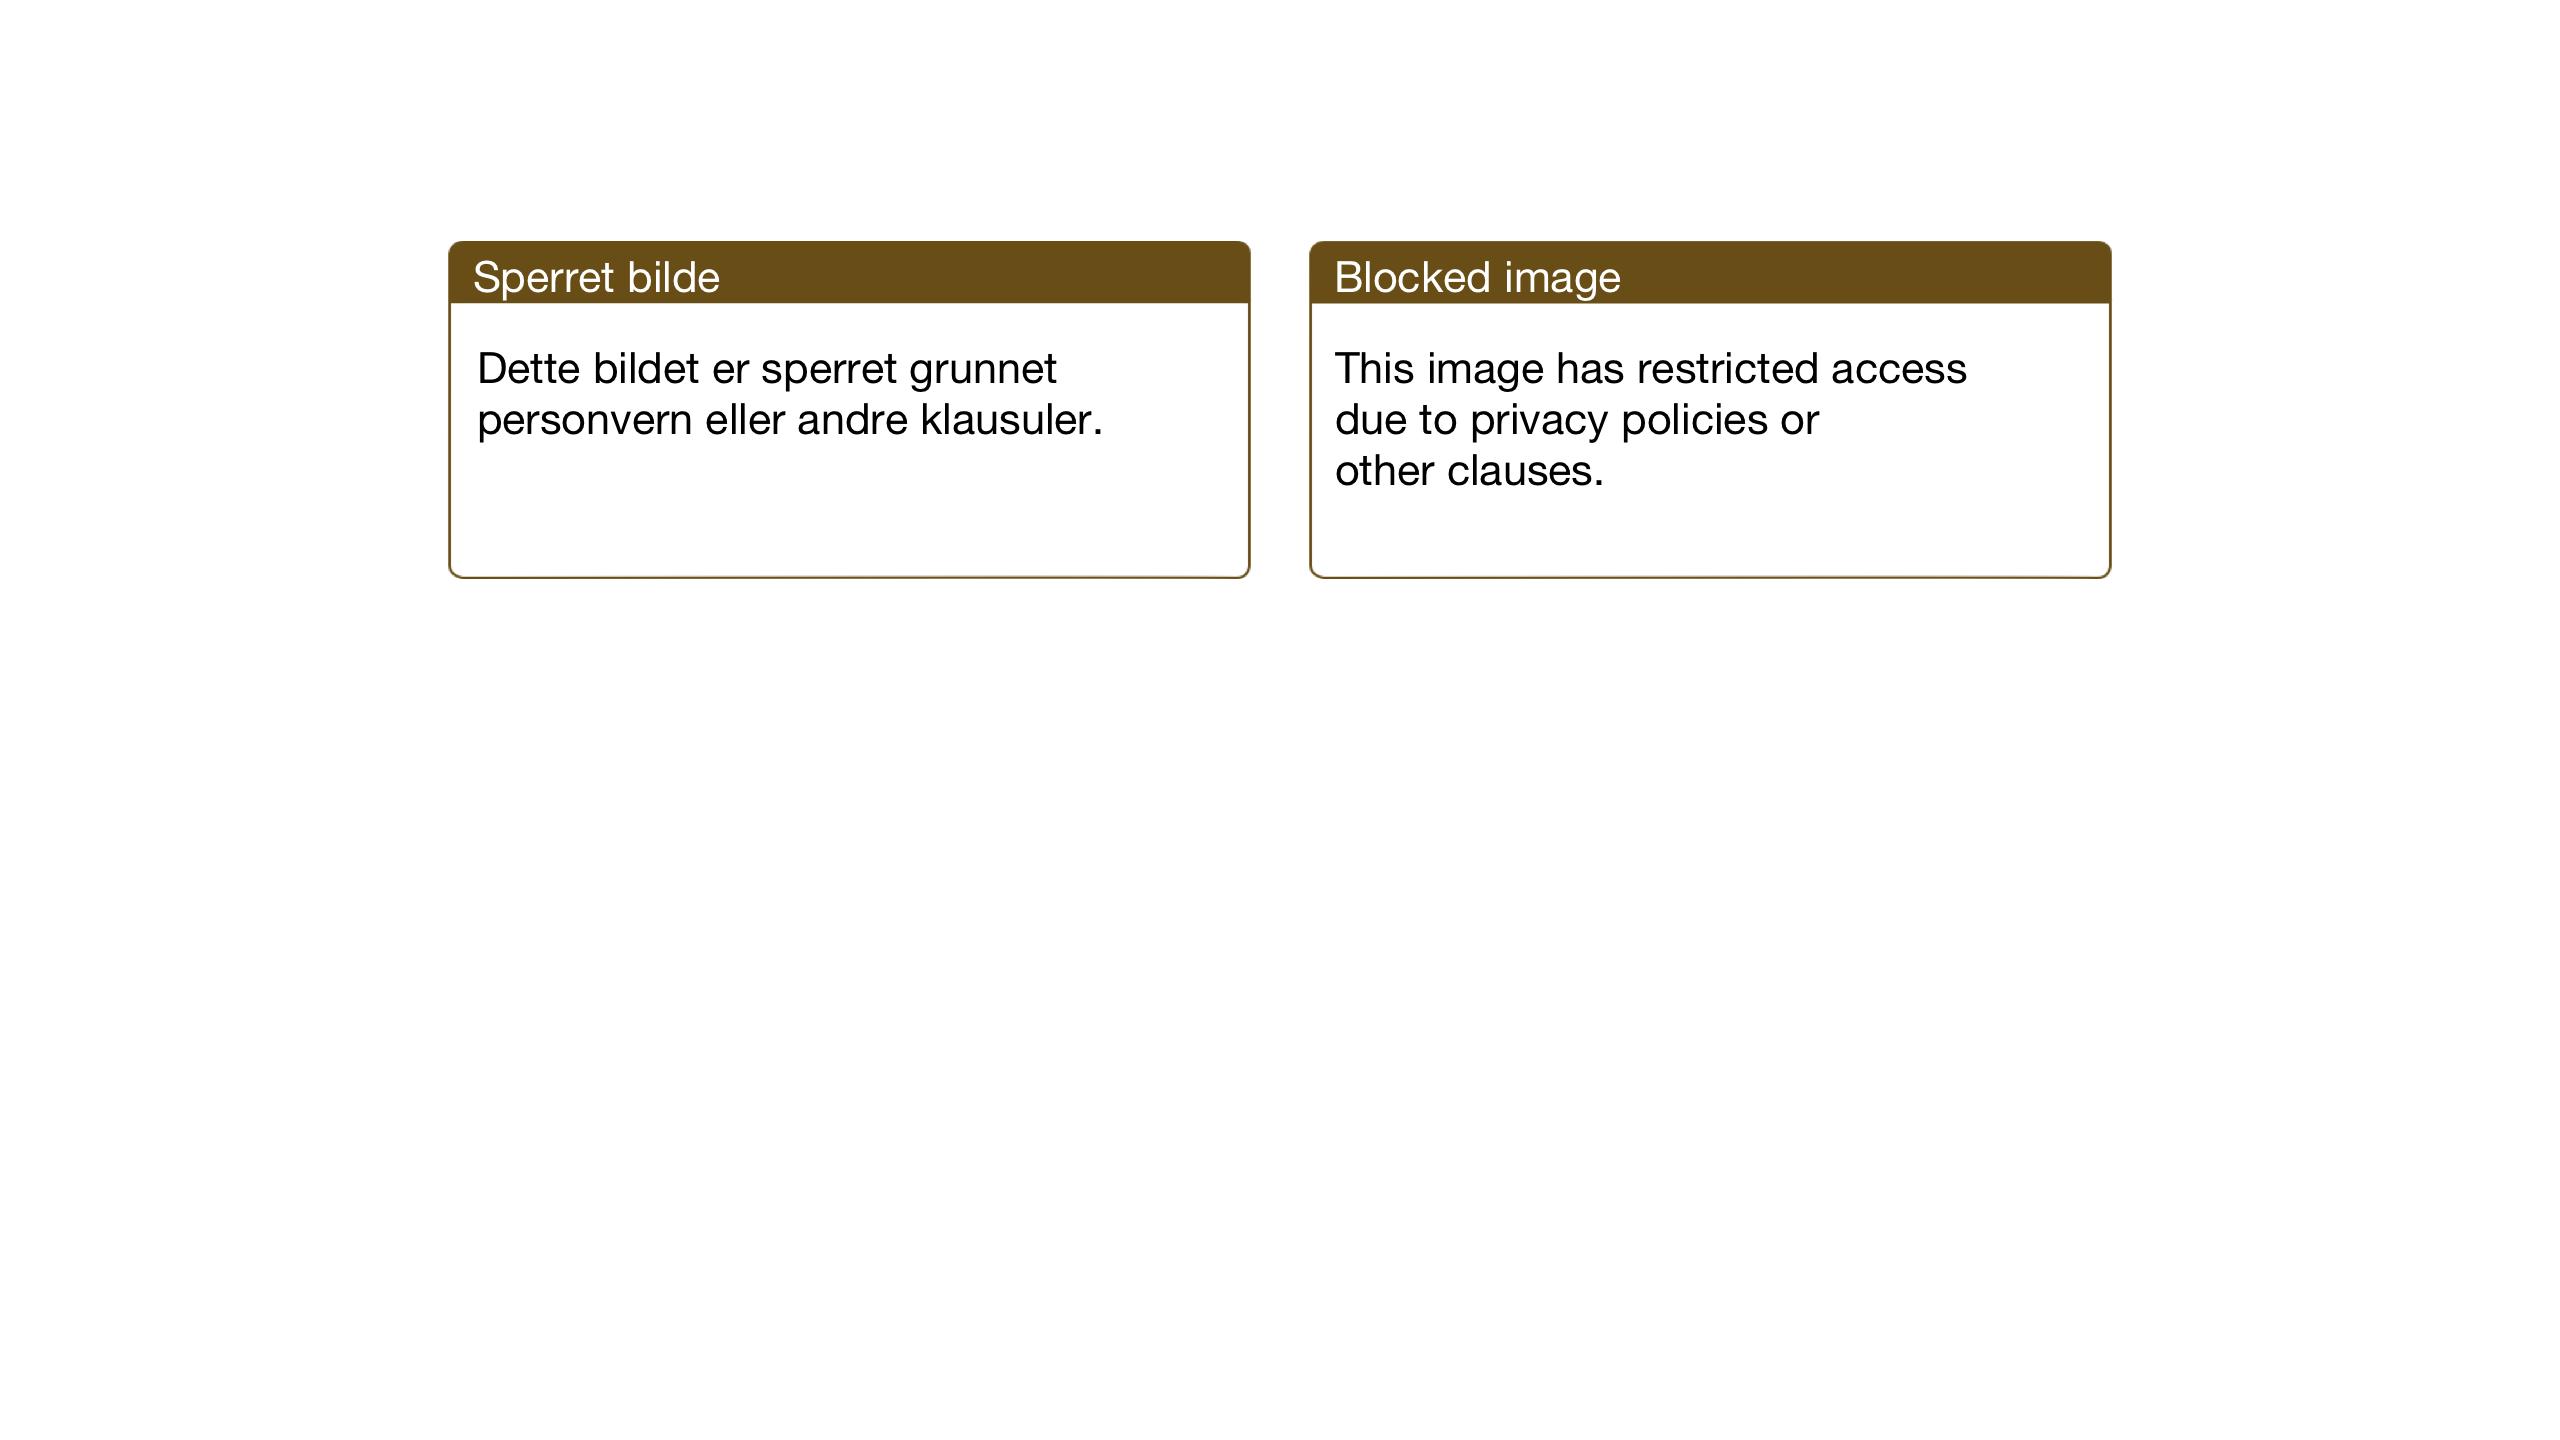 SAT, Ministerialprotokoller, klokkerbøker og fødselsregistre - Sør-Trøndelag, 674/L0878: Klokkerbok nr. 674C05, 1941-1950, s. 34